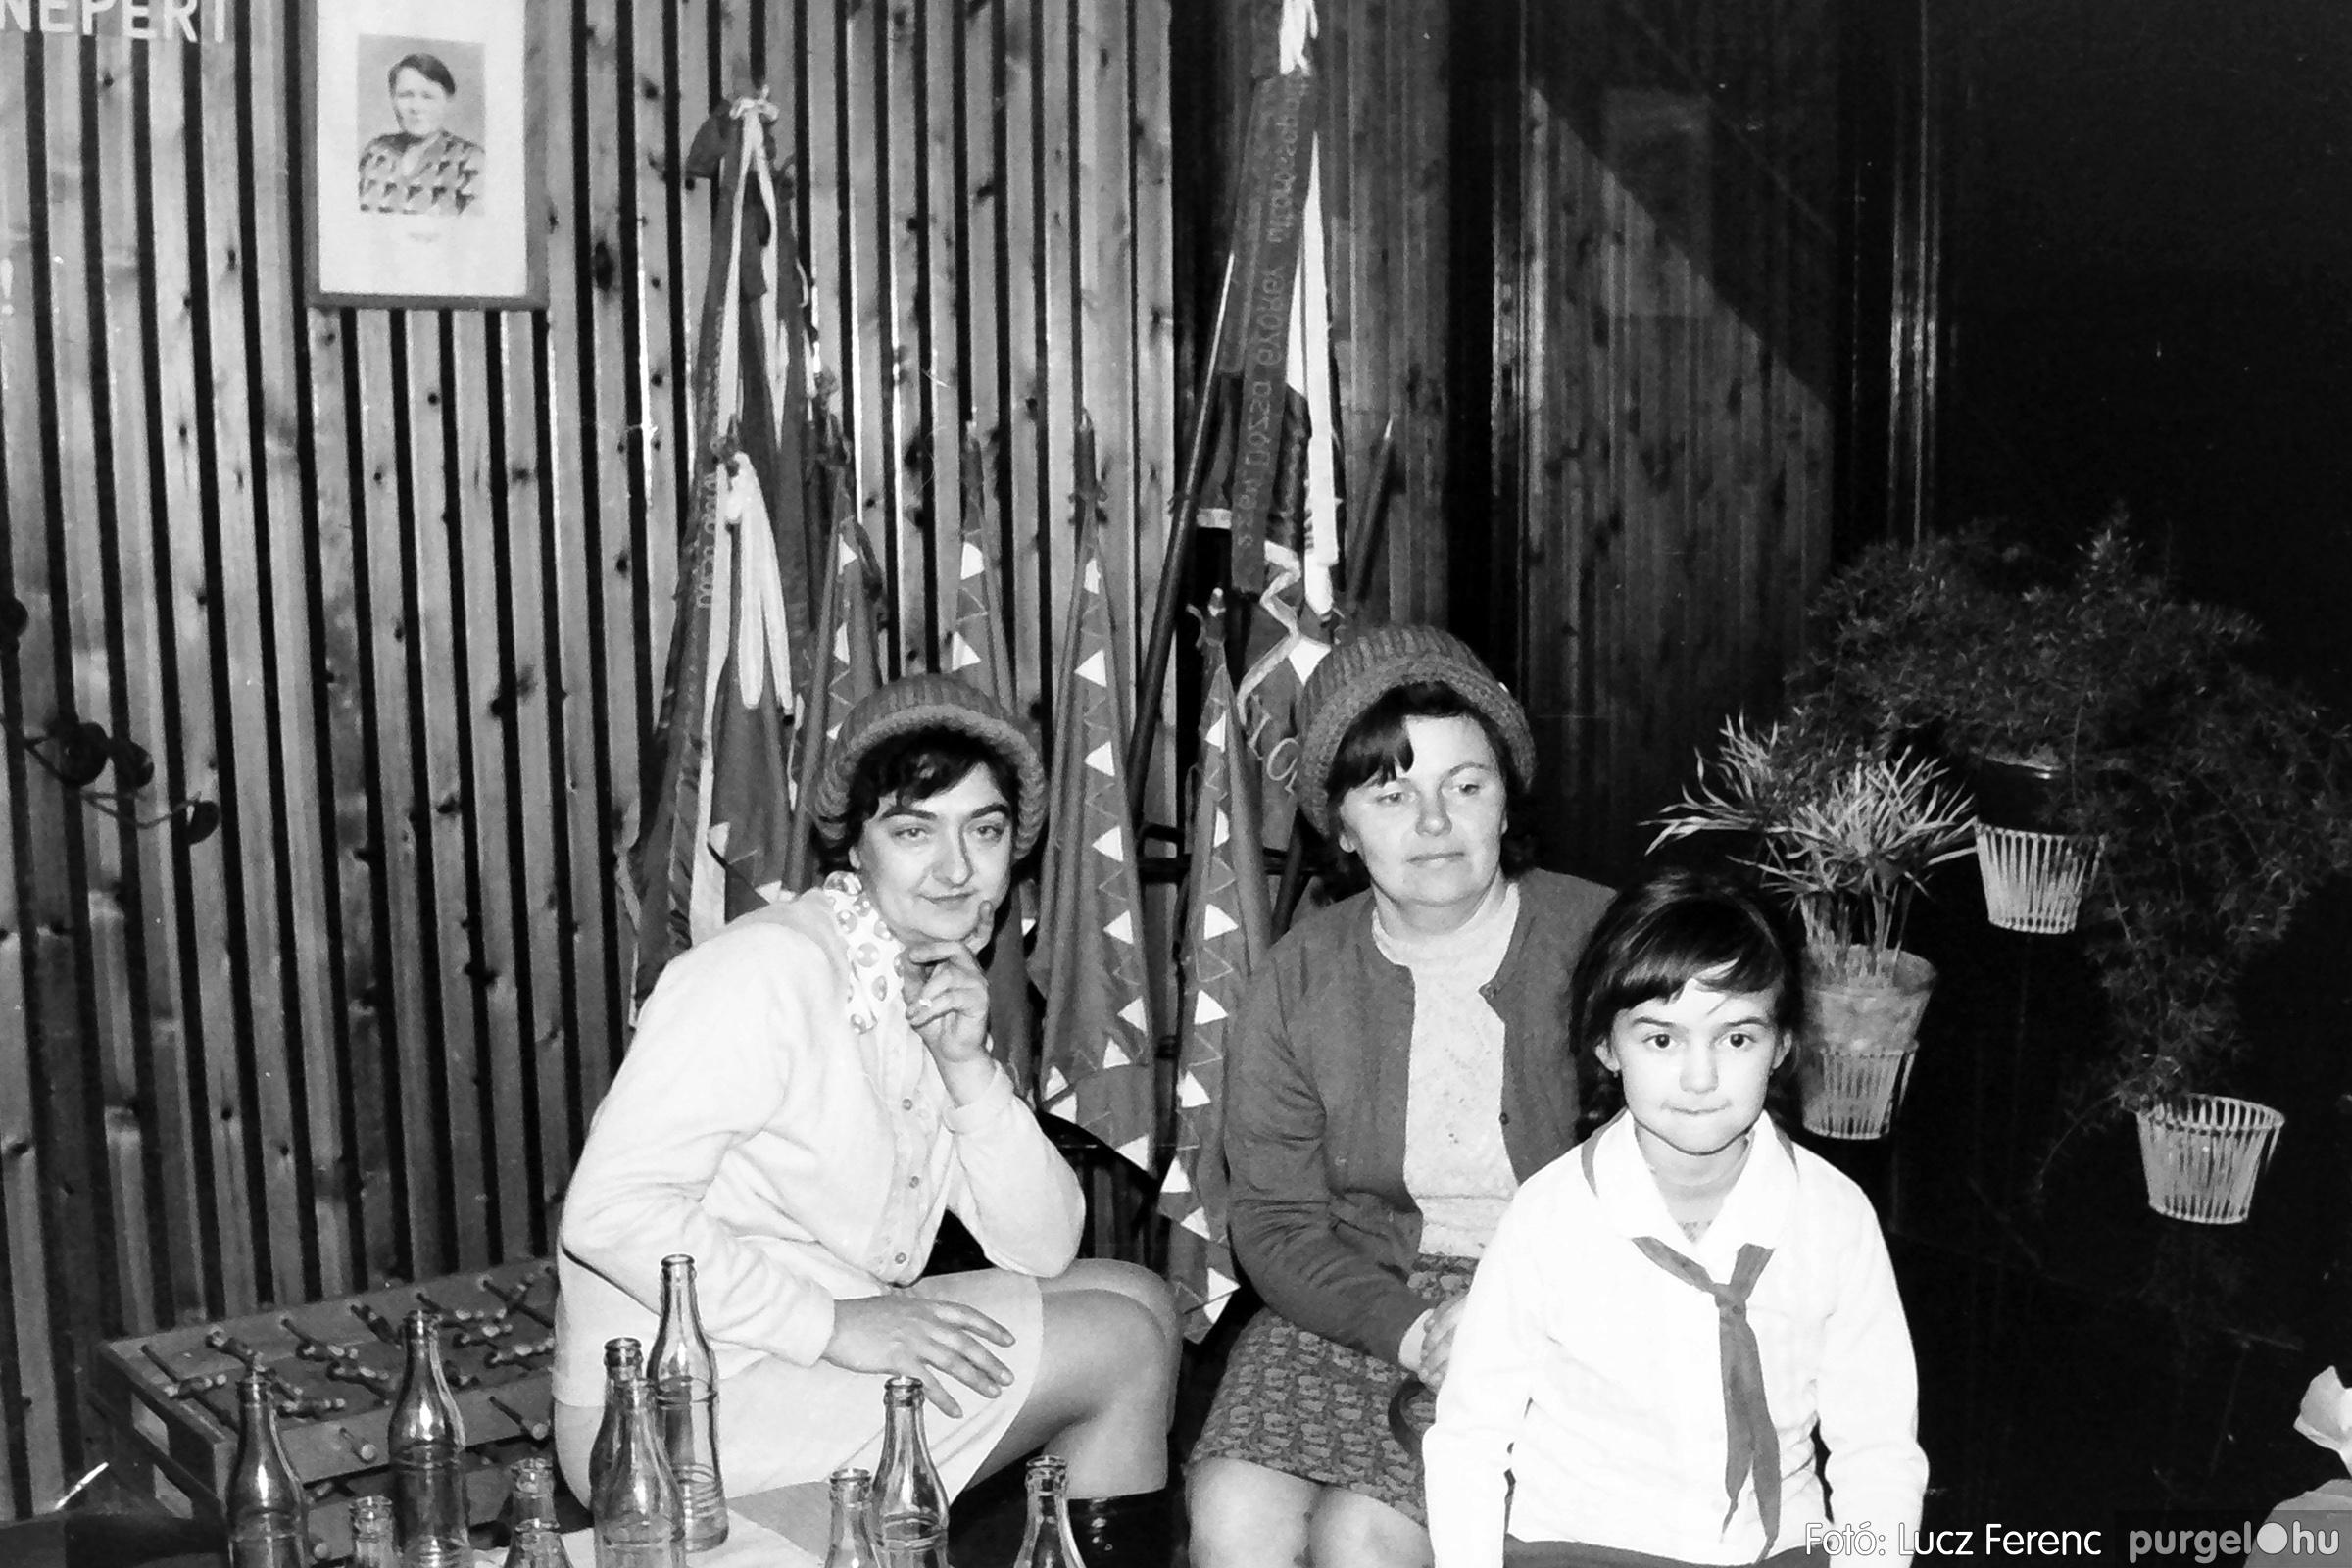 067. 1976. Karácsonyi buli az úttörőszobában 011. - Fotó: Lucz Ferenc.jpg